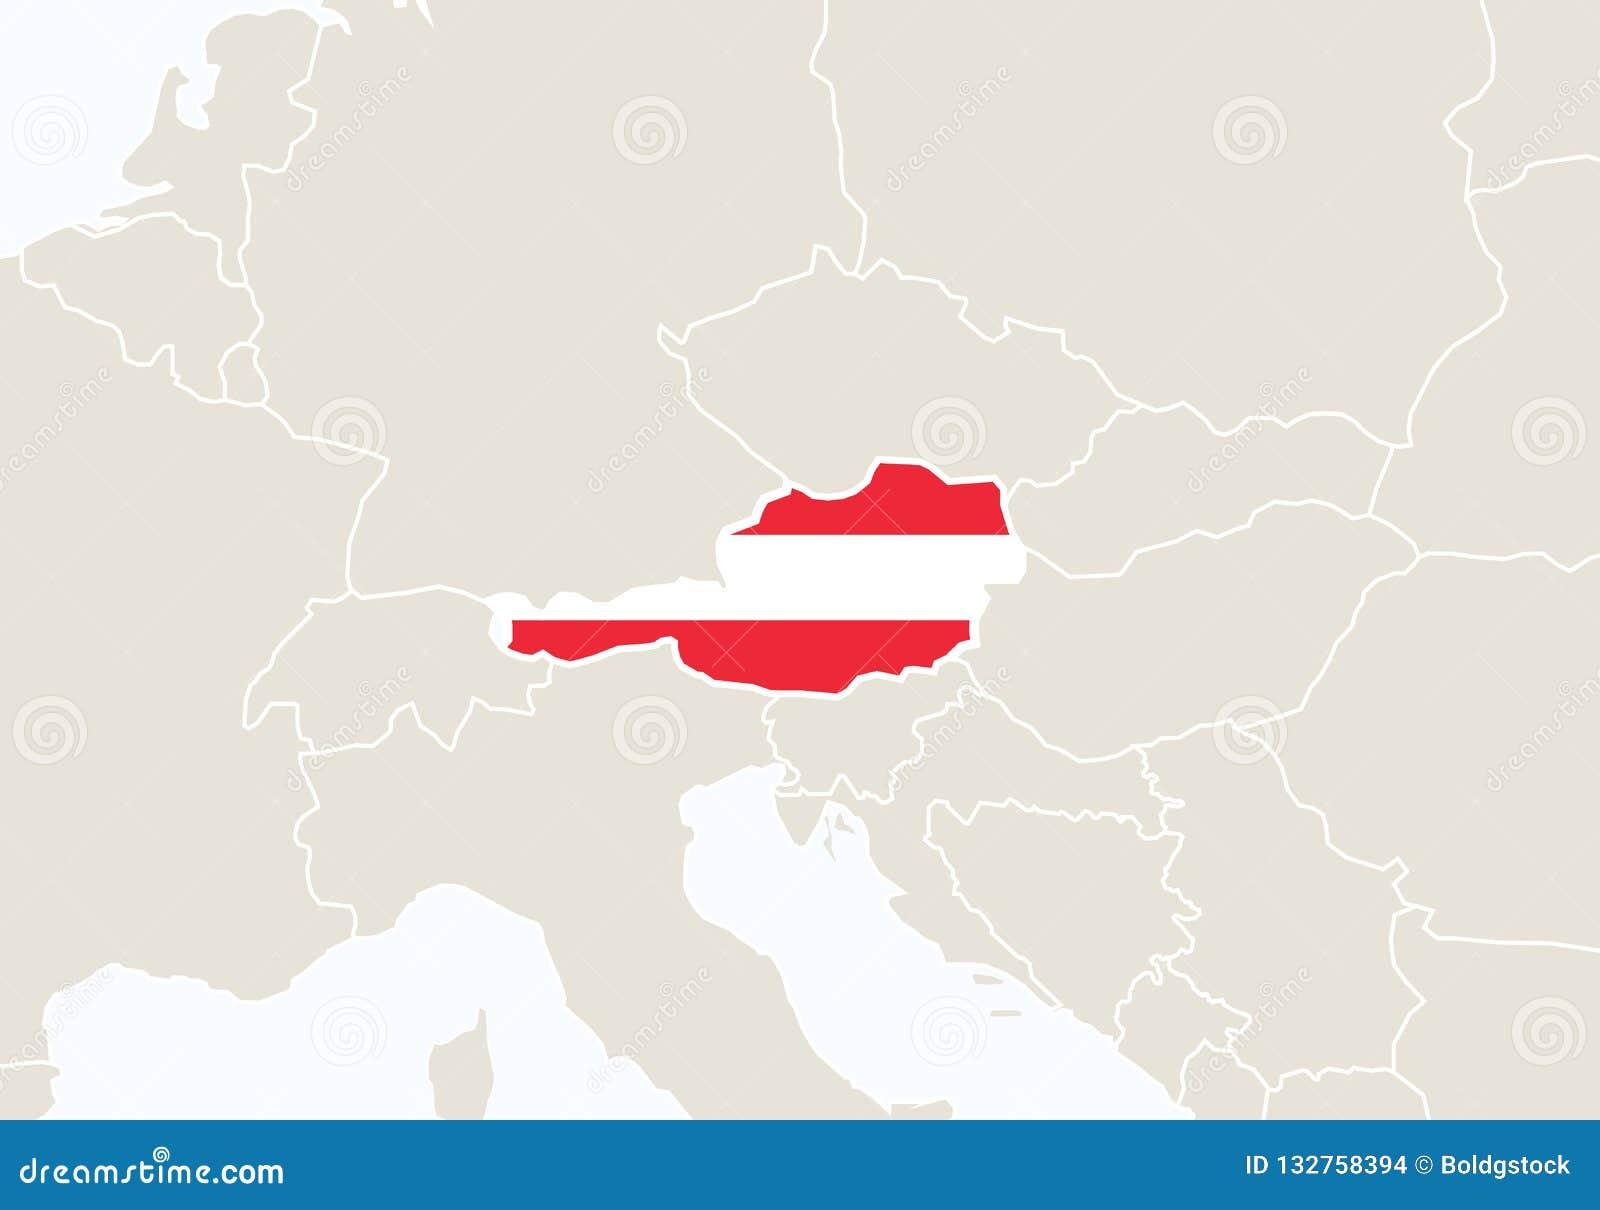 Cartina Del Austria.Europa Con La Mappa Evidenziata Dell Austria Illustrazione Vettoriale Illustrazione Di Posizione Austriaco 132758394